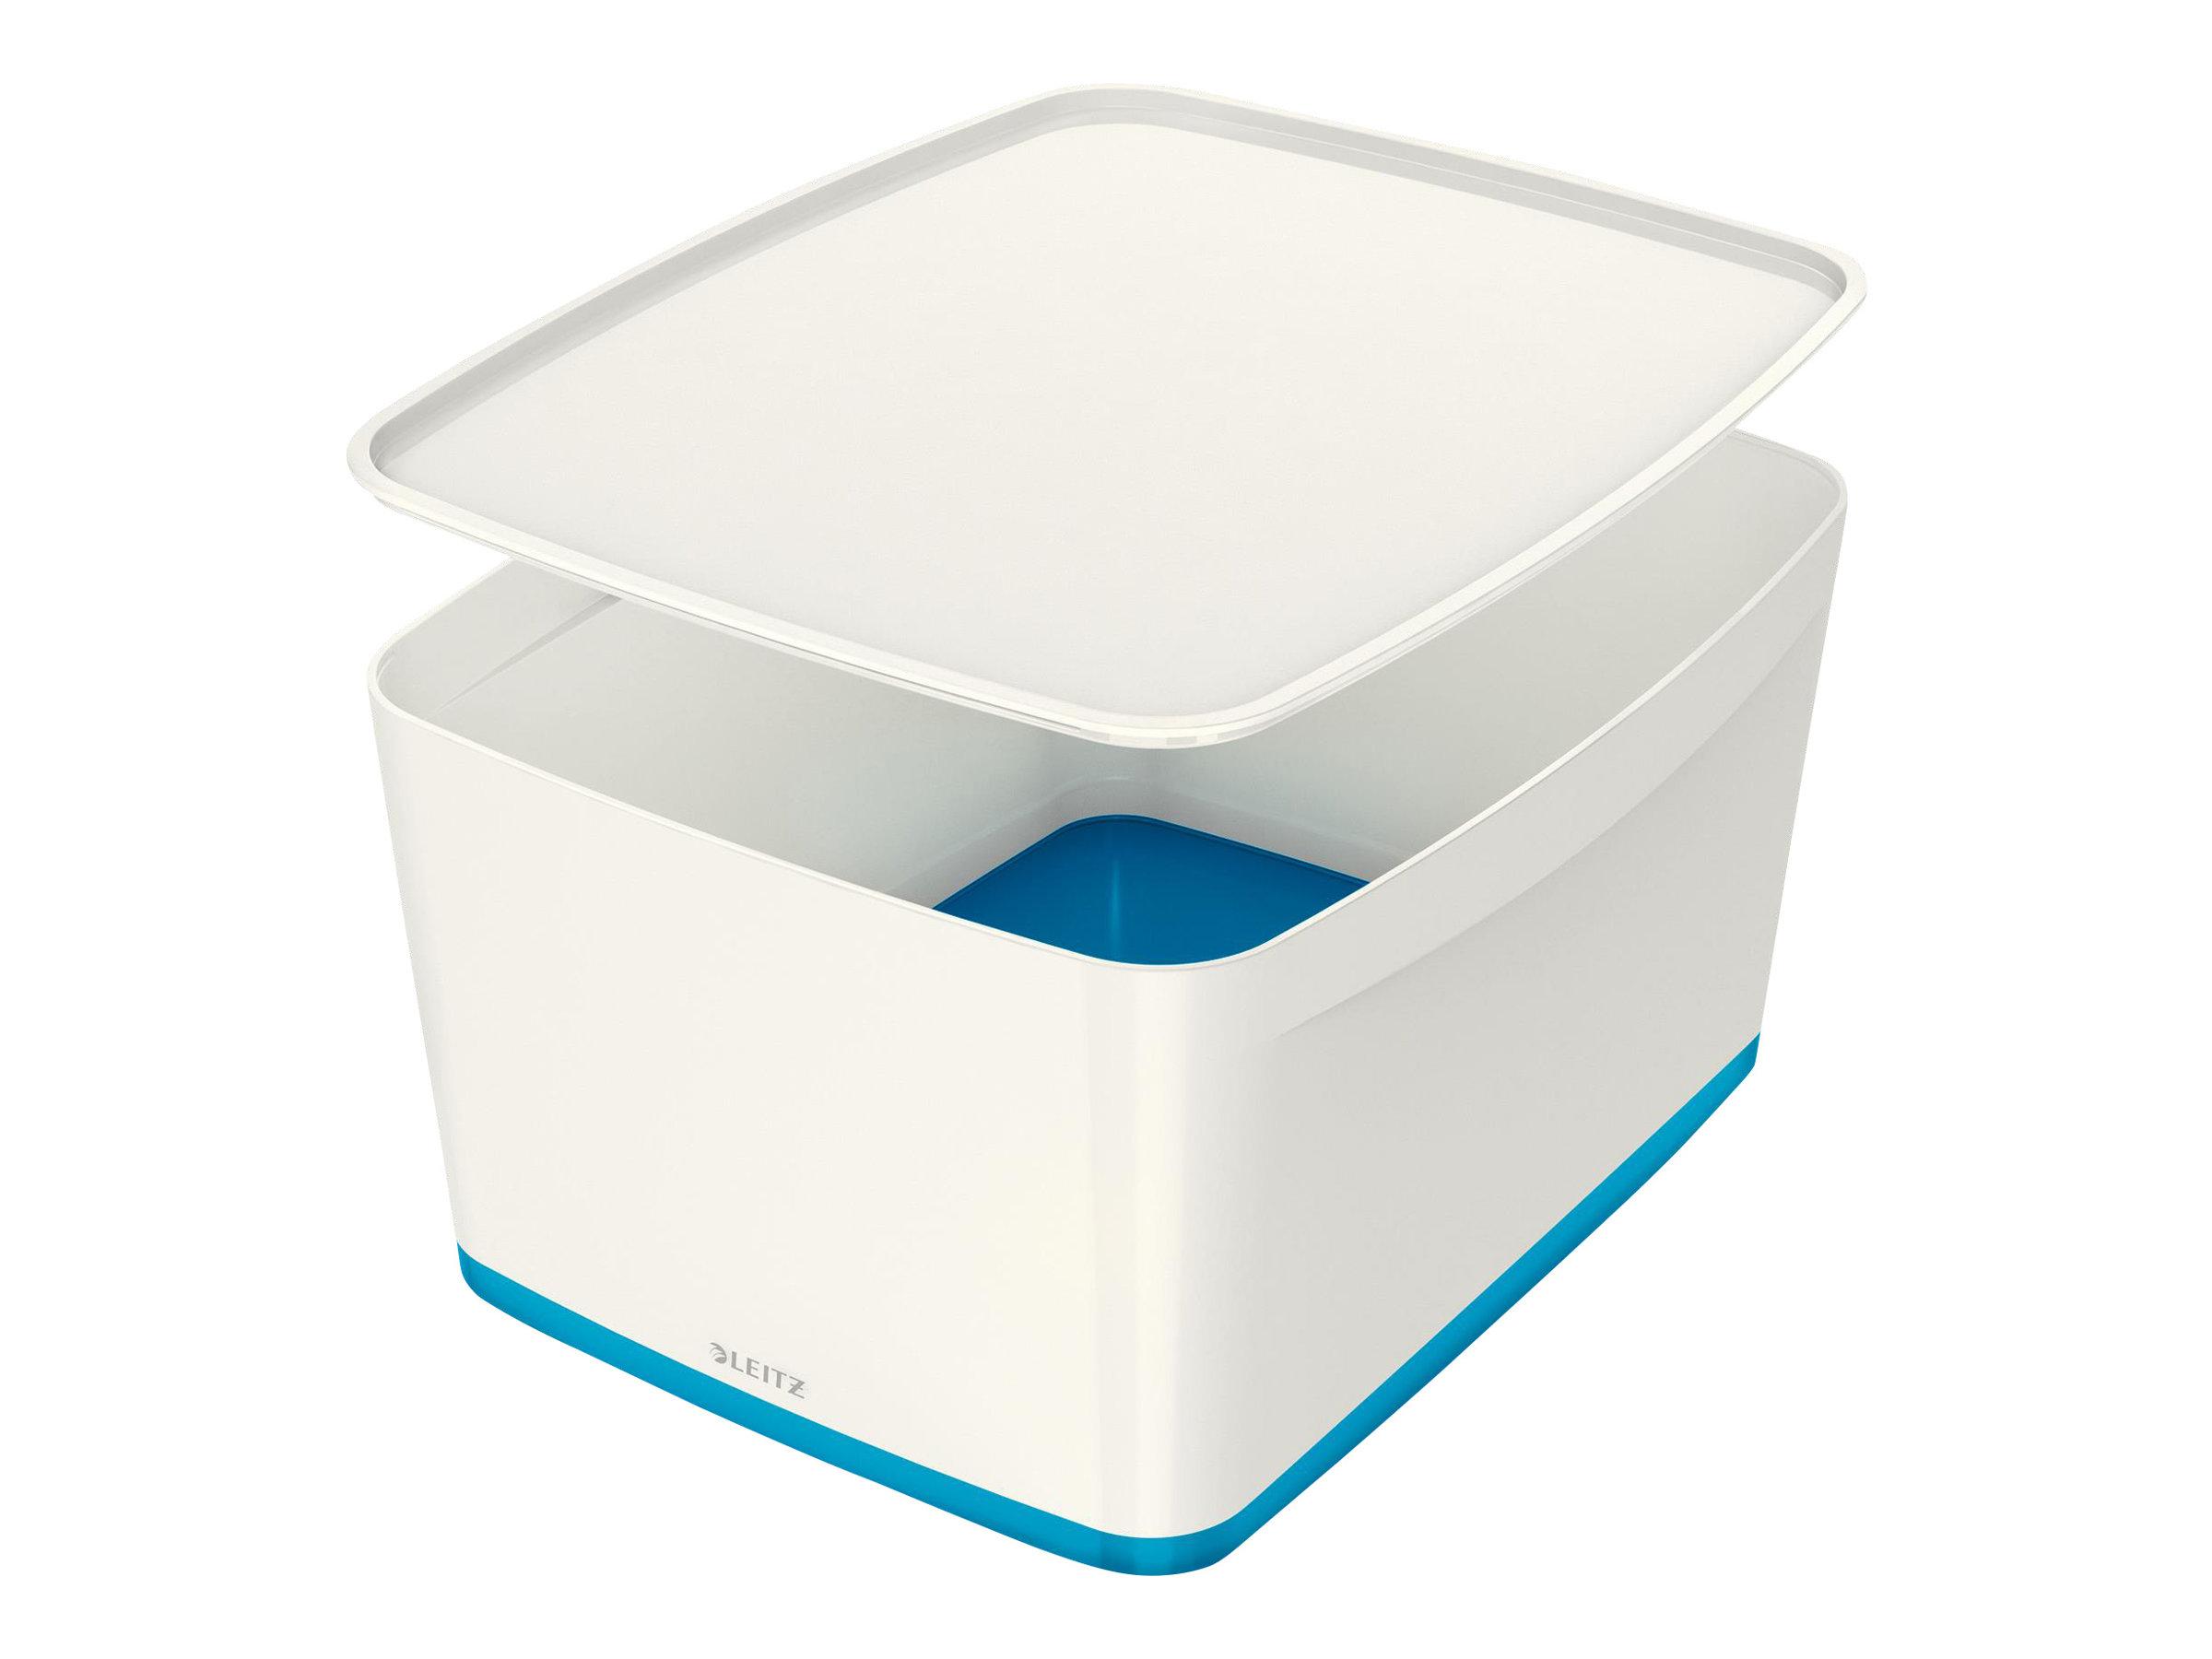 Leitz MyBox - Boîte de rangement format moyen - blanc/bleu